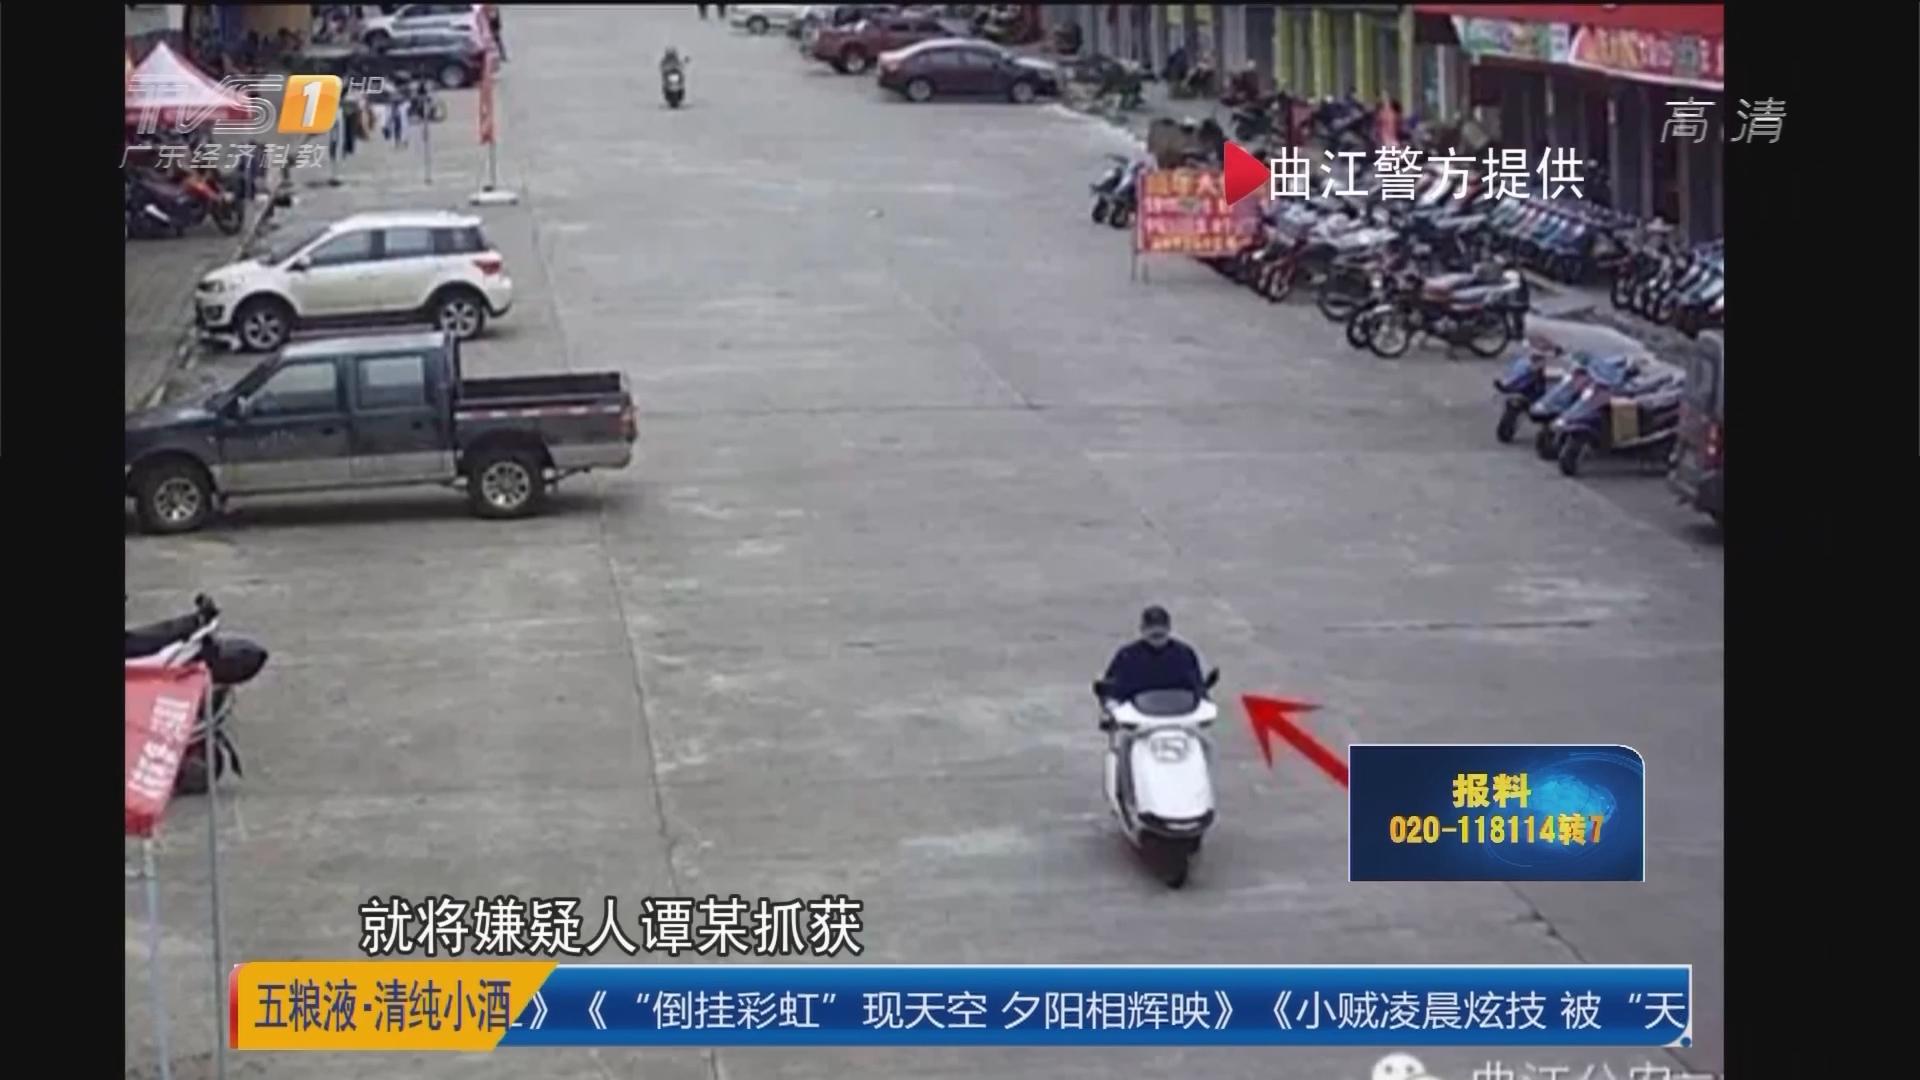 创建平安广东:韶关 持刀抢劫怀孕护士 警方3小时破案